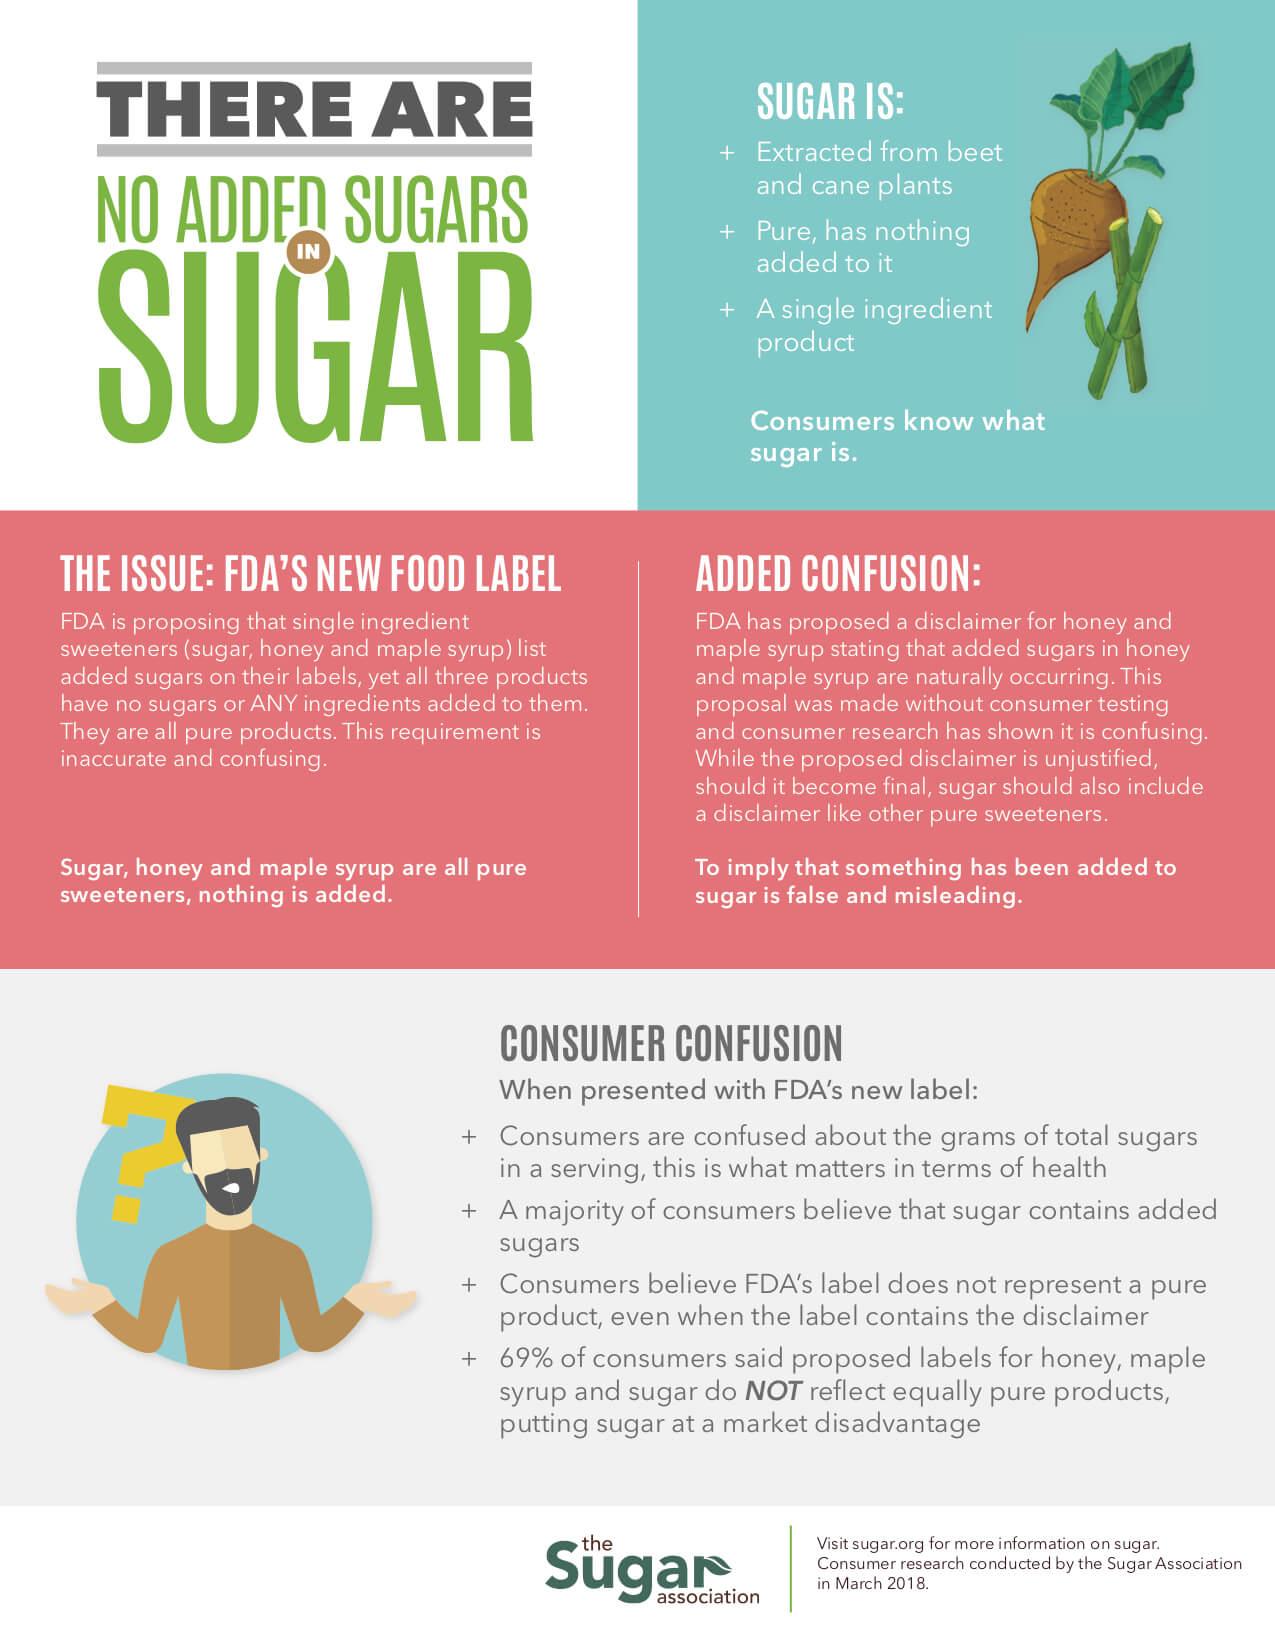 No Added Sugars in Sugar